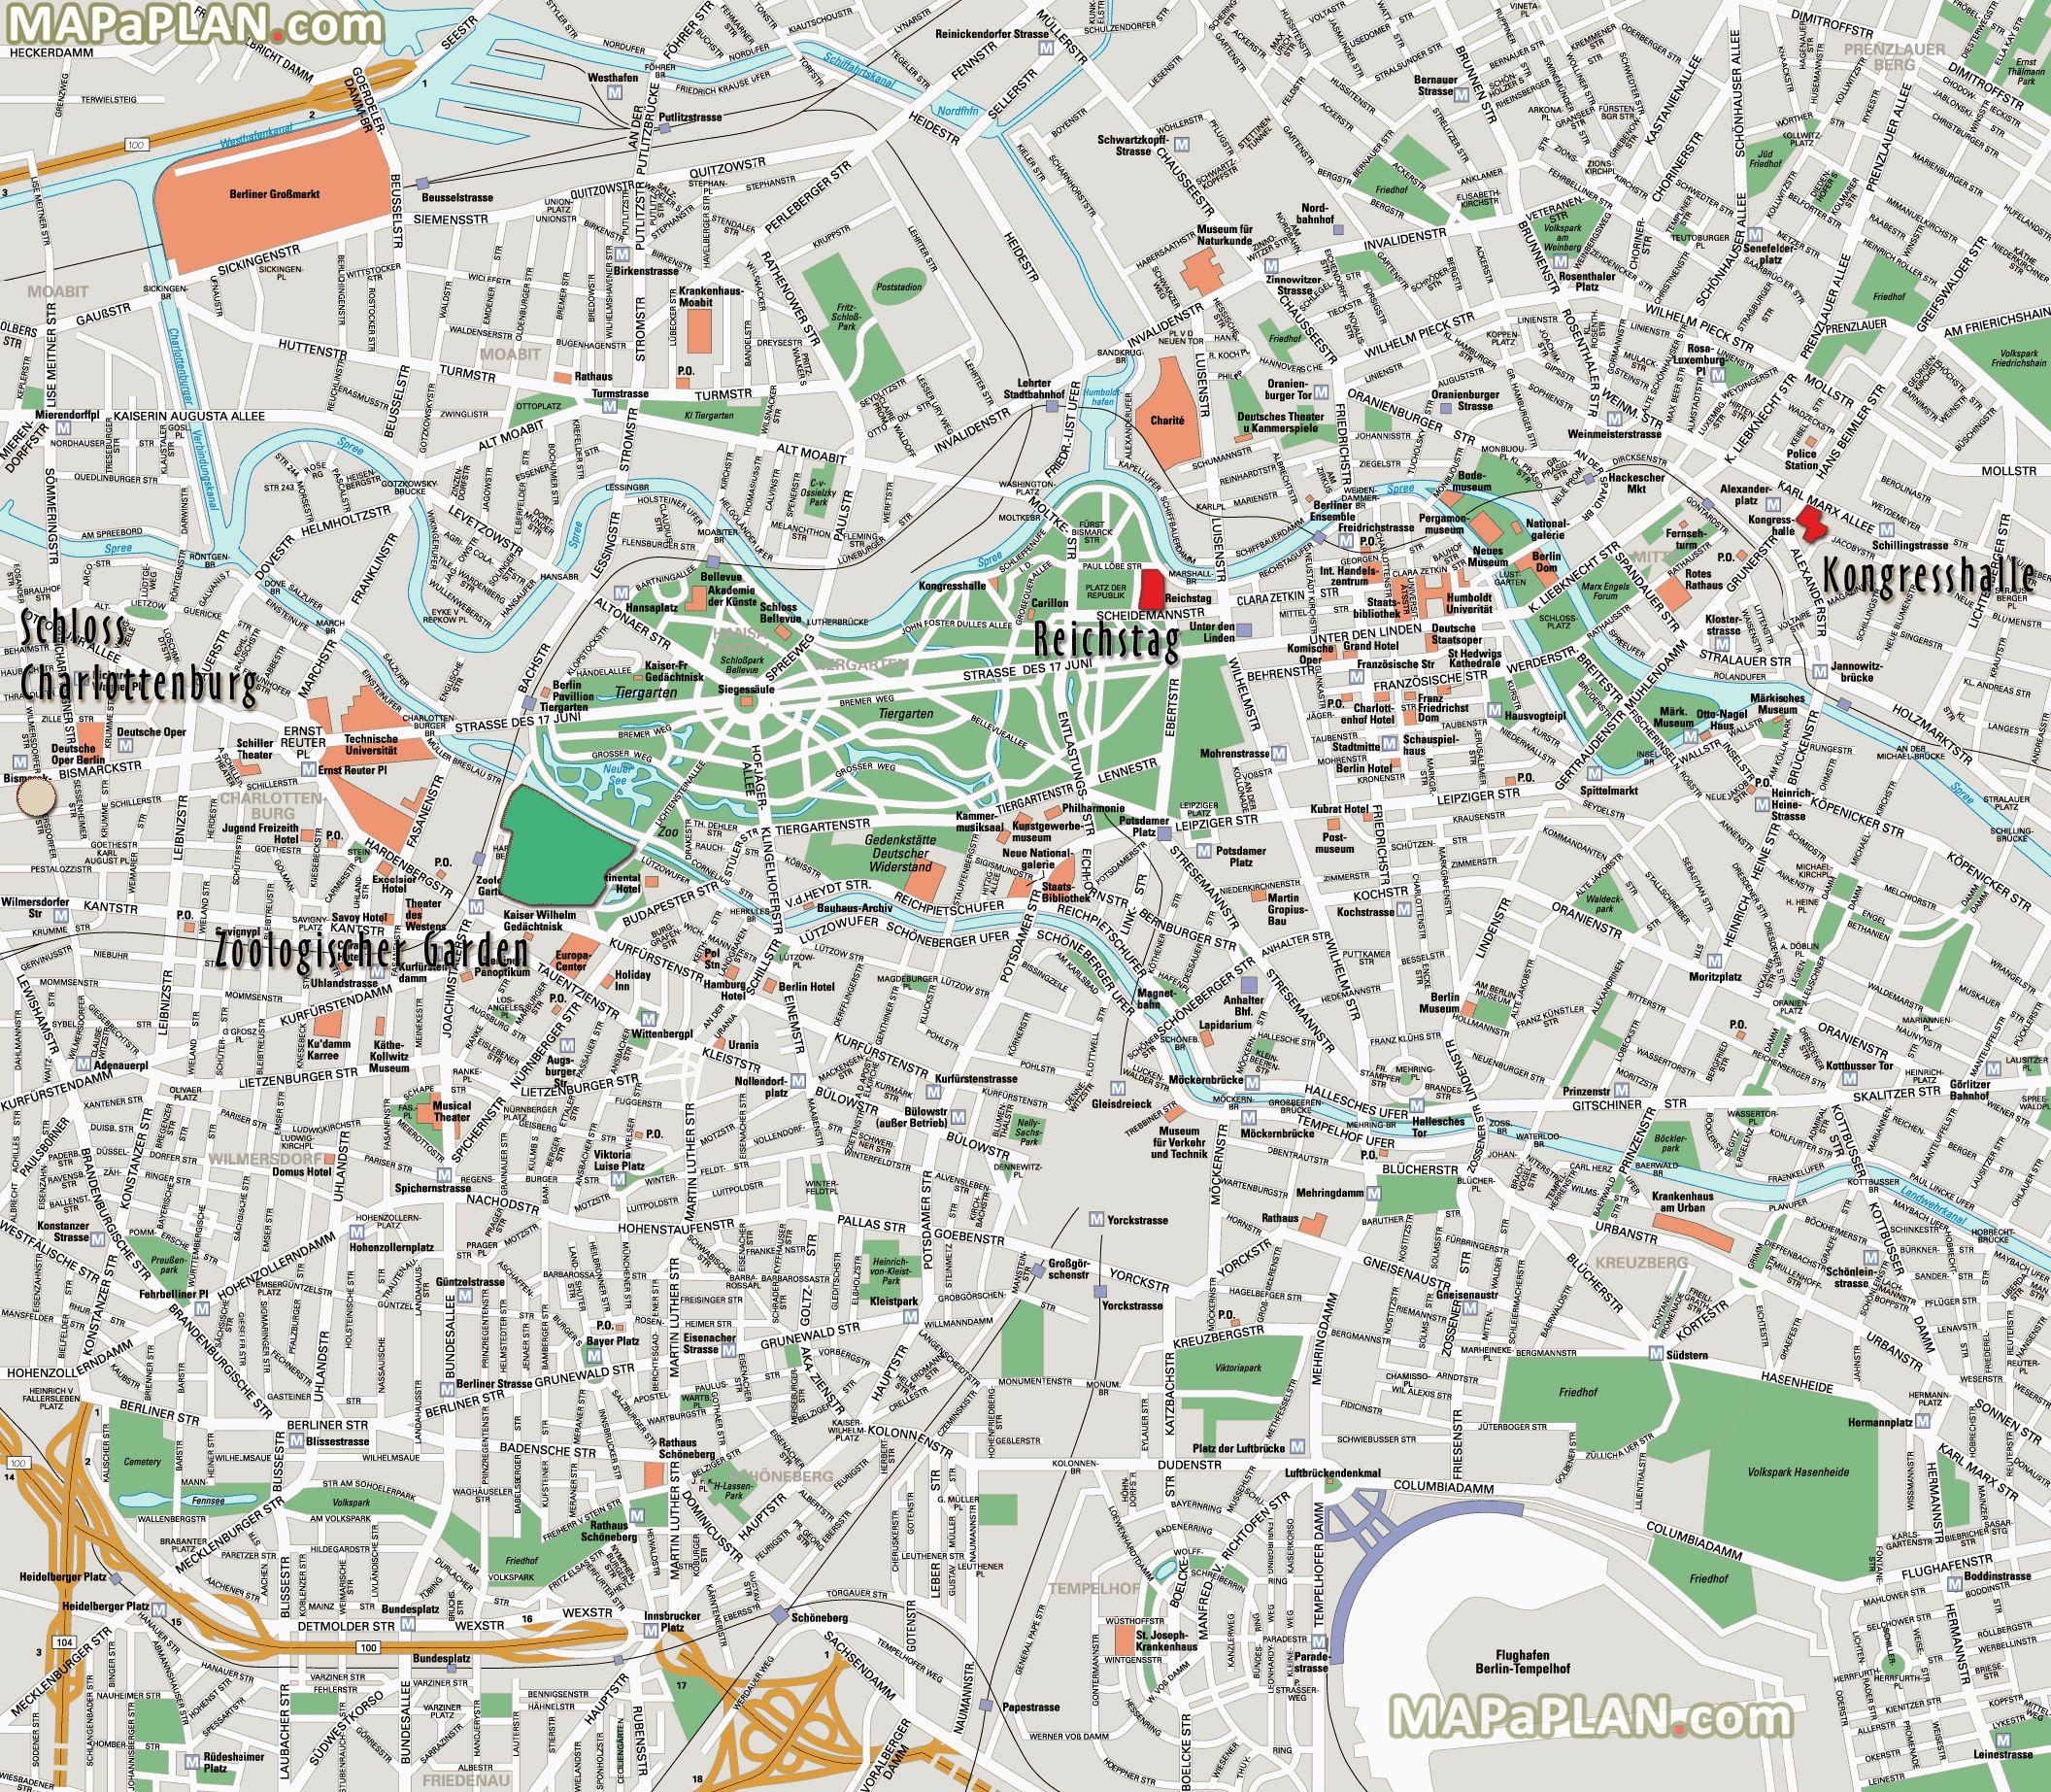 berlintoptouristattractionsmap15mustdomapreichstagzoo